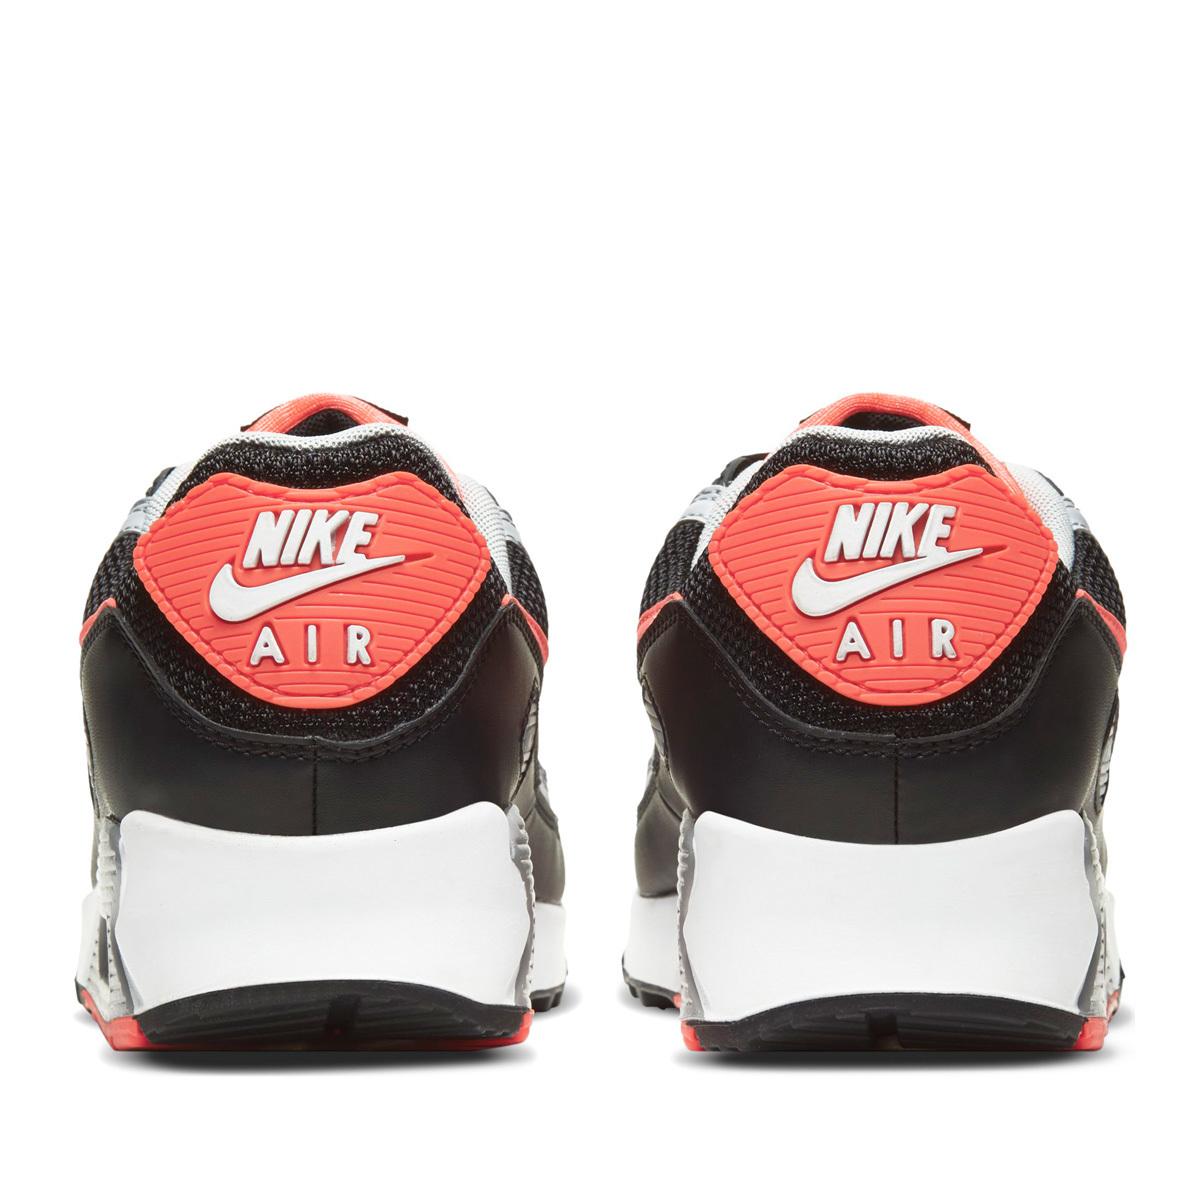 送料無料 28cm●NIKE AIR MAX 90 ナイキ エア マックス 90 CZ4222-001 黒 赤 オレンジ グレー メンズ スニーカー 90年代 定番 人気_画像5